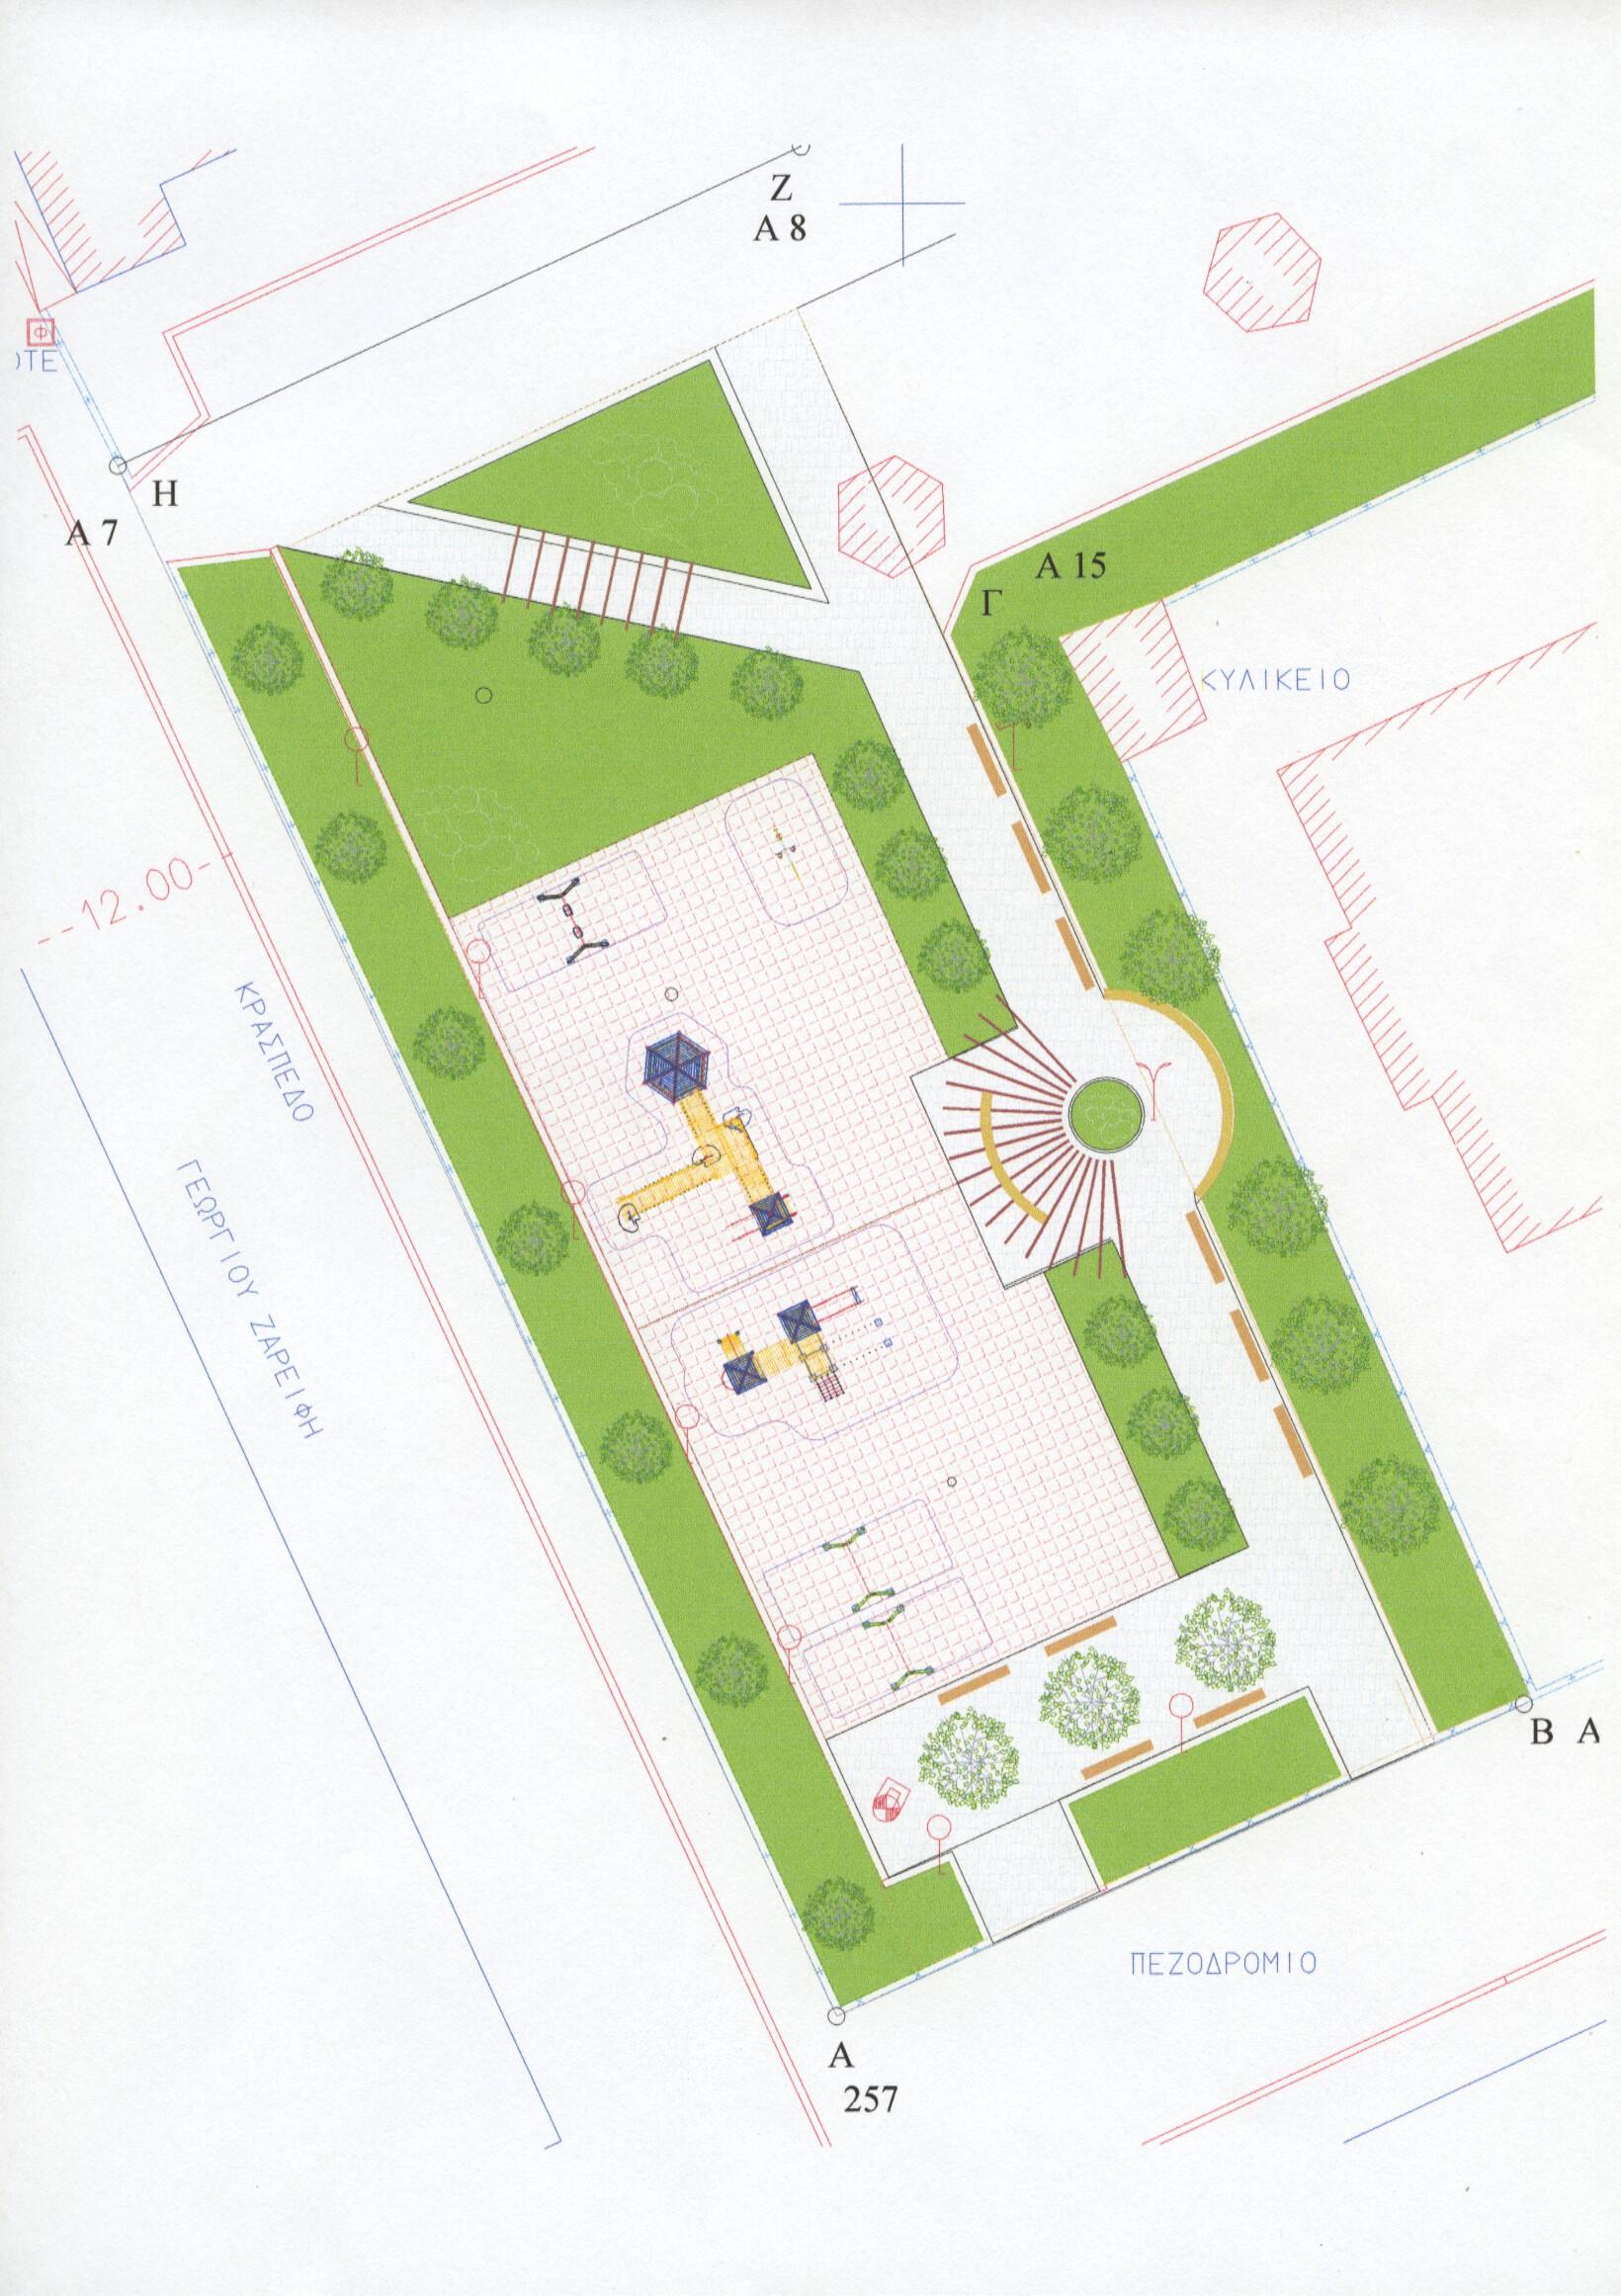 Πρόταση υπηρεσίας για την ανάπλαση του νοτίου τμήματος του Πάρκου Εθνικής Ανεξαρτησίας